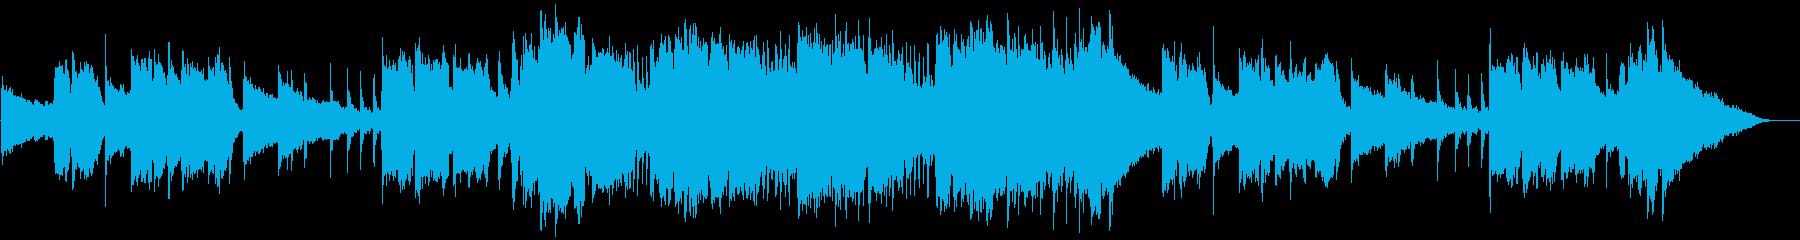 エンディング・穏やかなアコギポップスの再生済みの波形